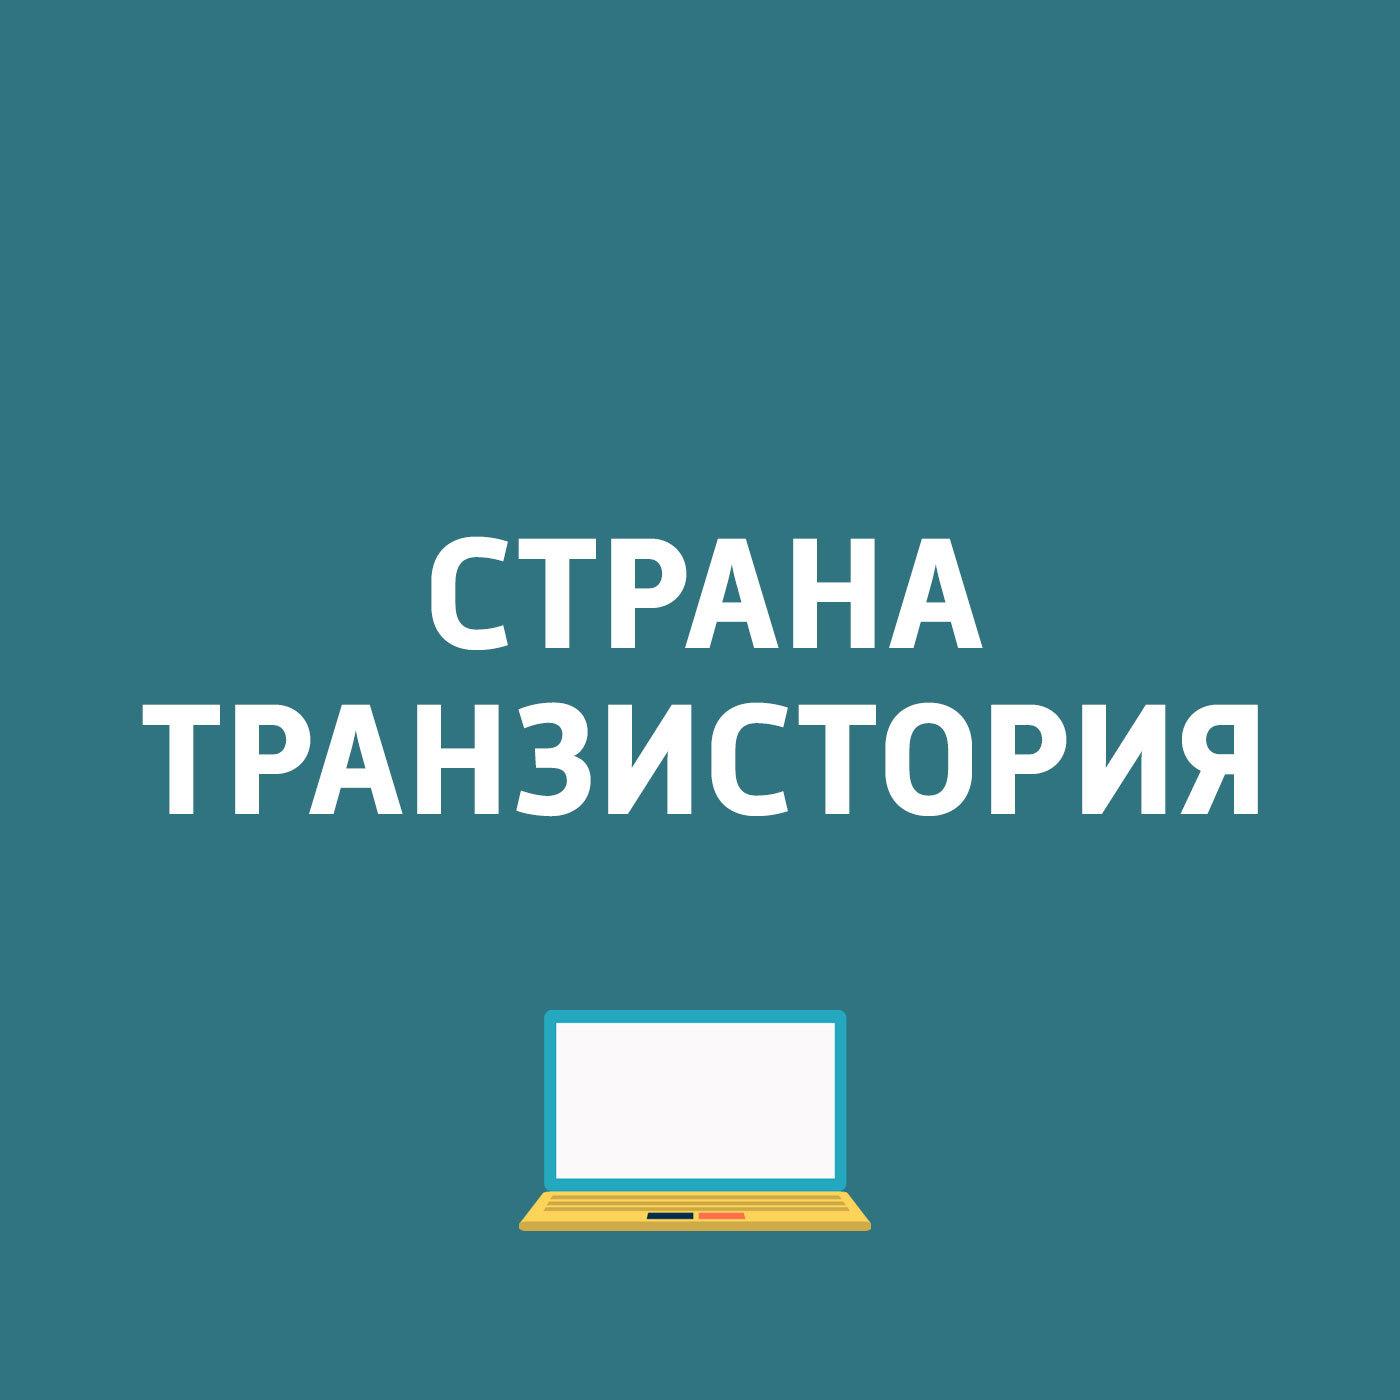 Картаев Павел Новые слухи о Nokia 3, легендарное возвращение Nokia 3310 картаев павел киберспорт в россии приравняли к футболу